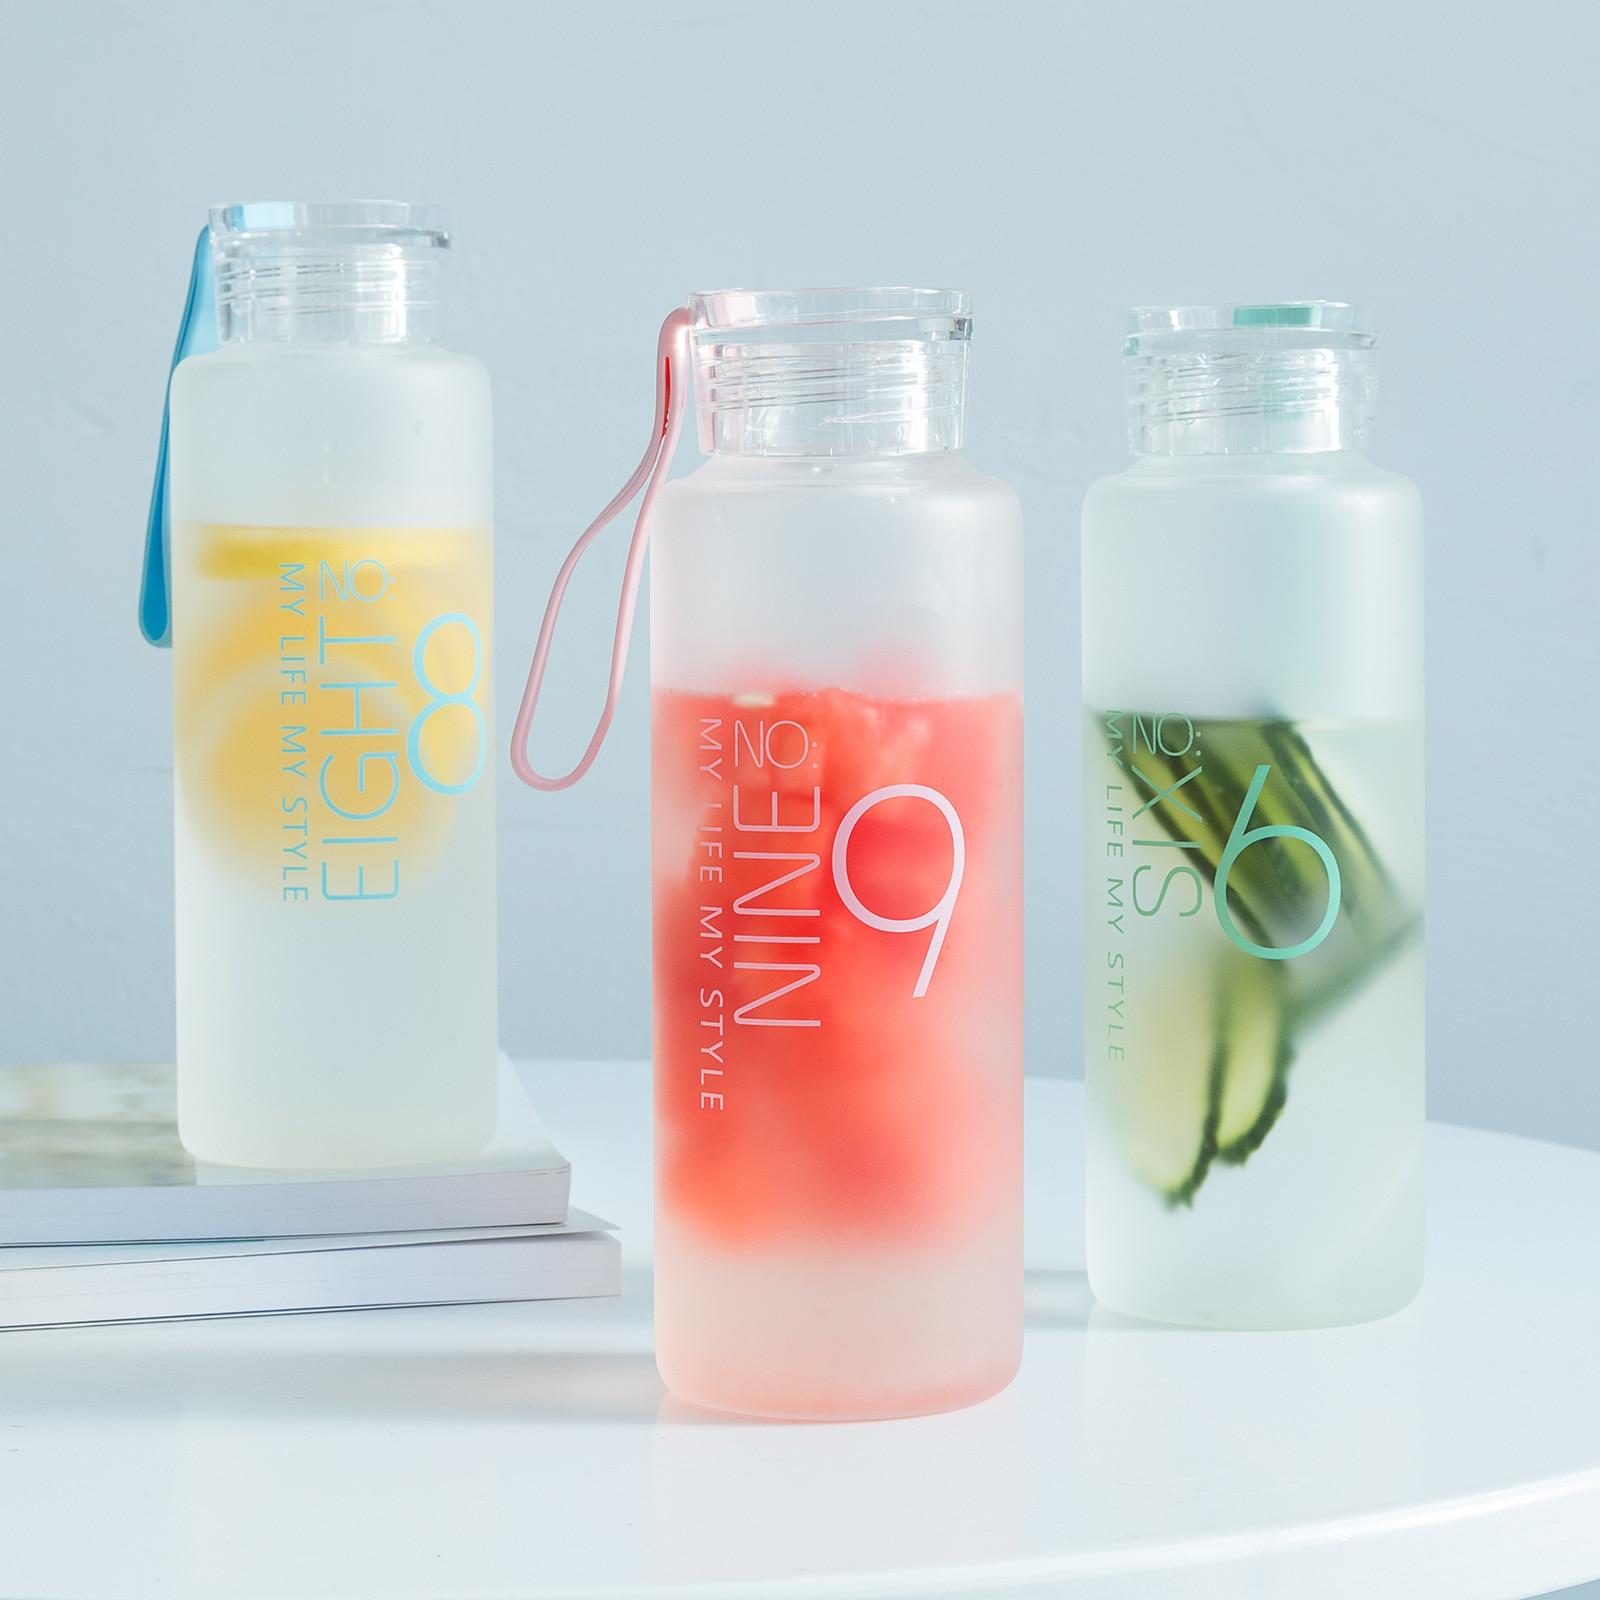 Botella de agua de vidrio esmerilado de Baispo contenedor de agua saludable botella de agua de limón de verano botellas de bebida para Picnic al aire libre hogar